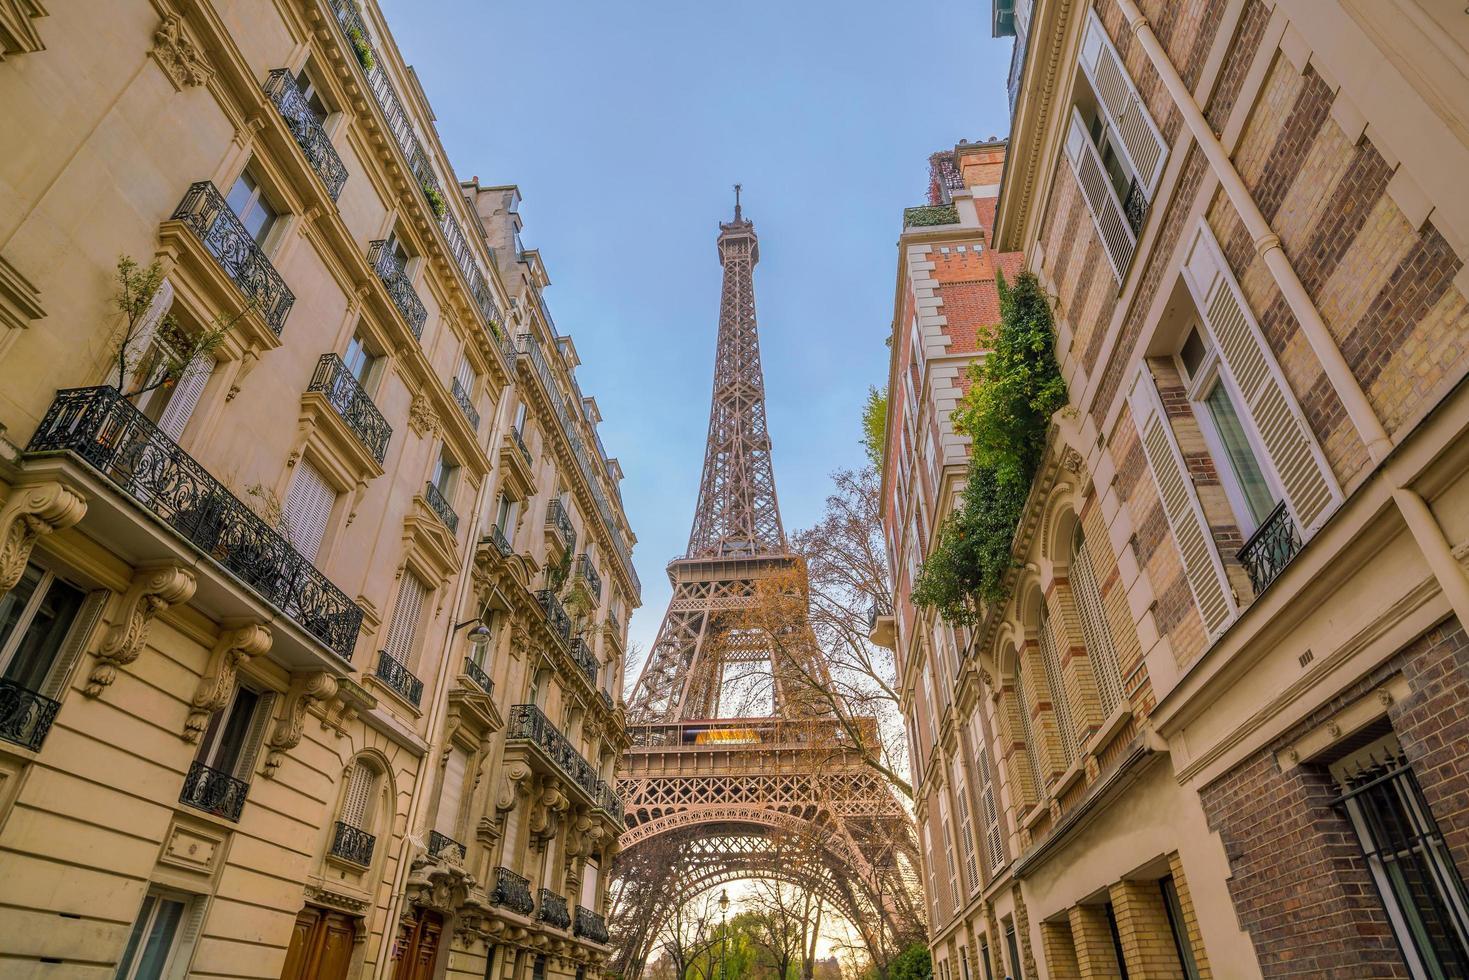 der eiffelturm und vintage gebäude in paris foto